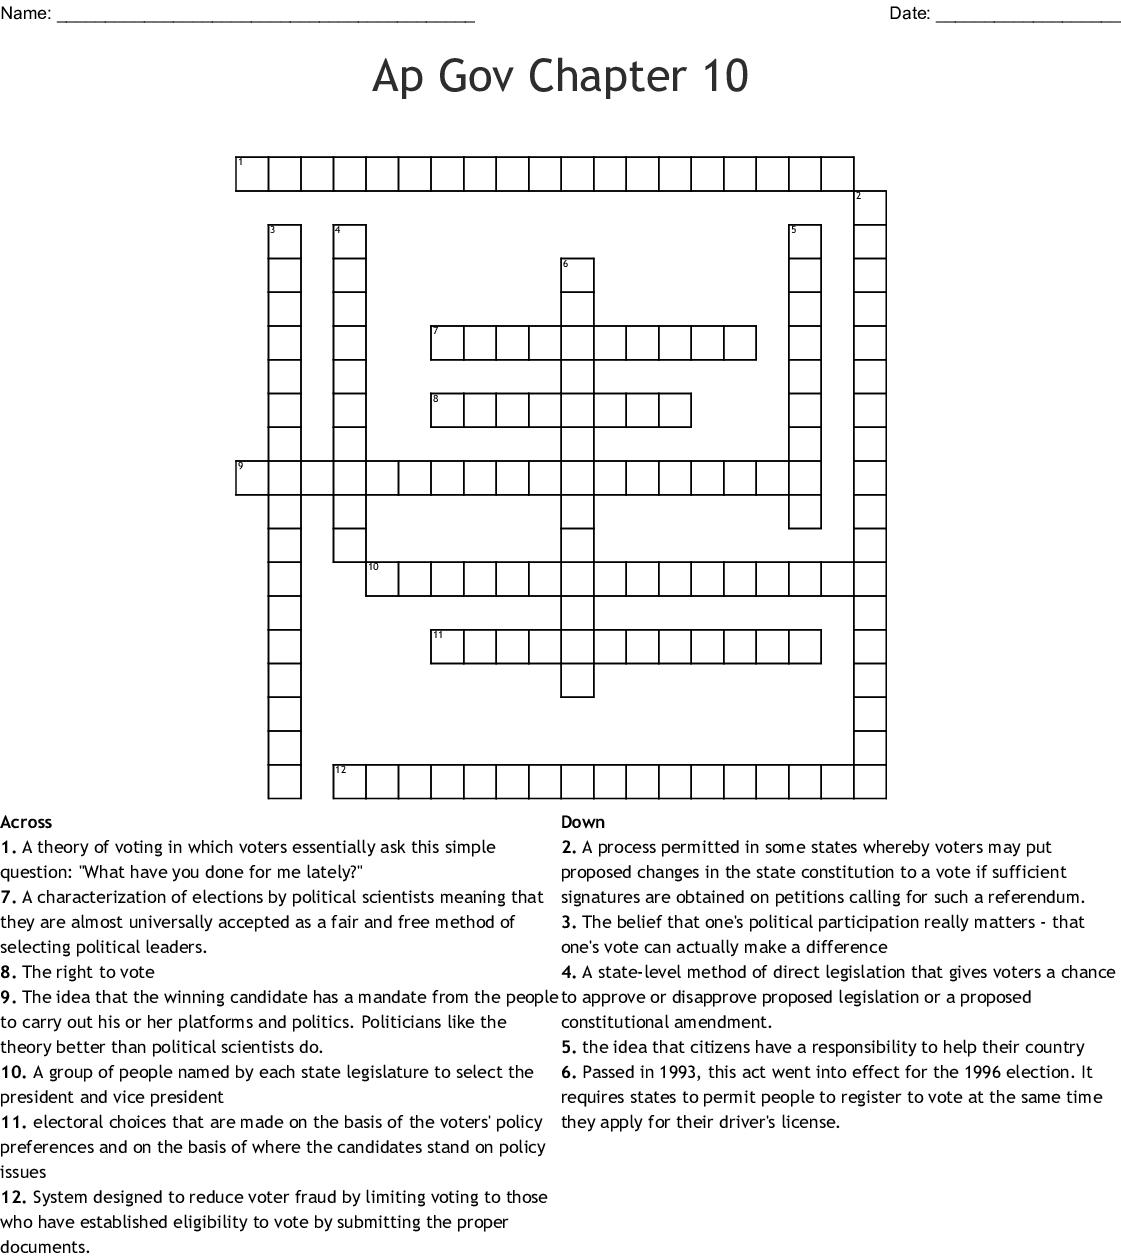 Worksheet 1 Chapter 10 Crossword